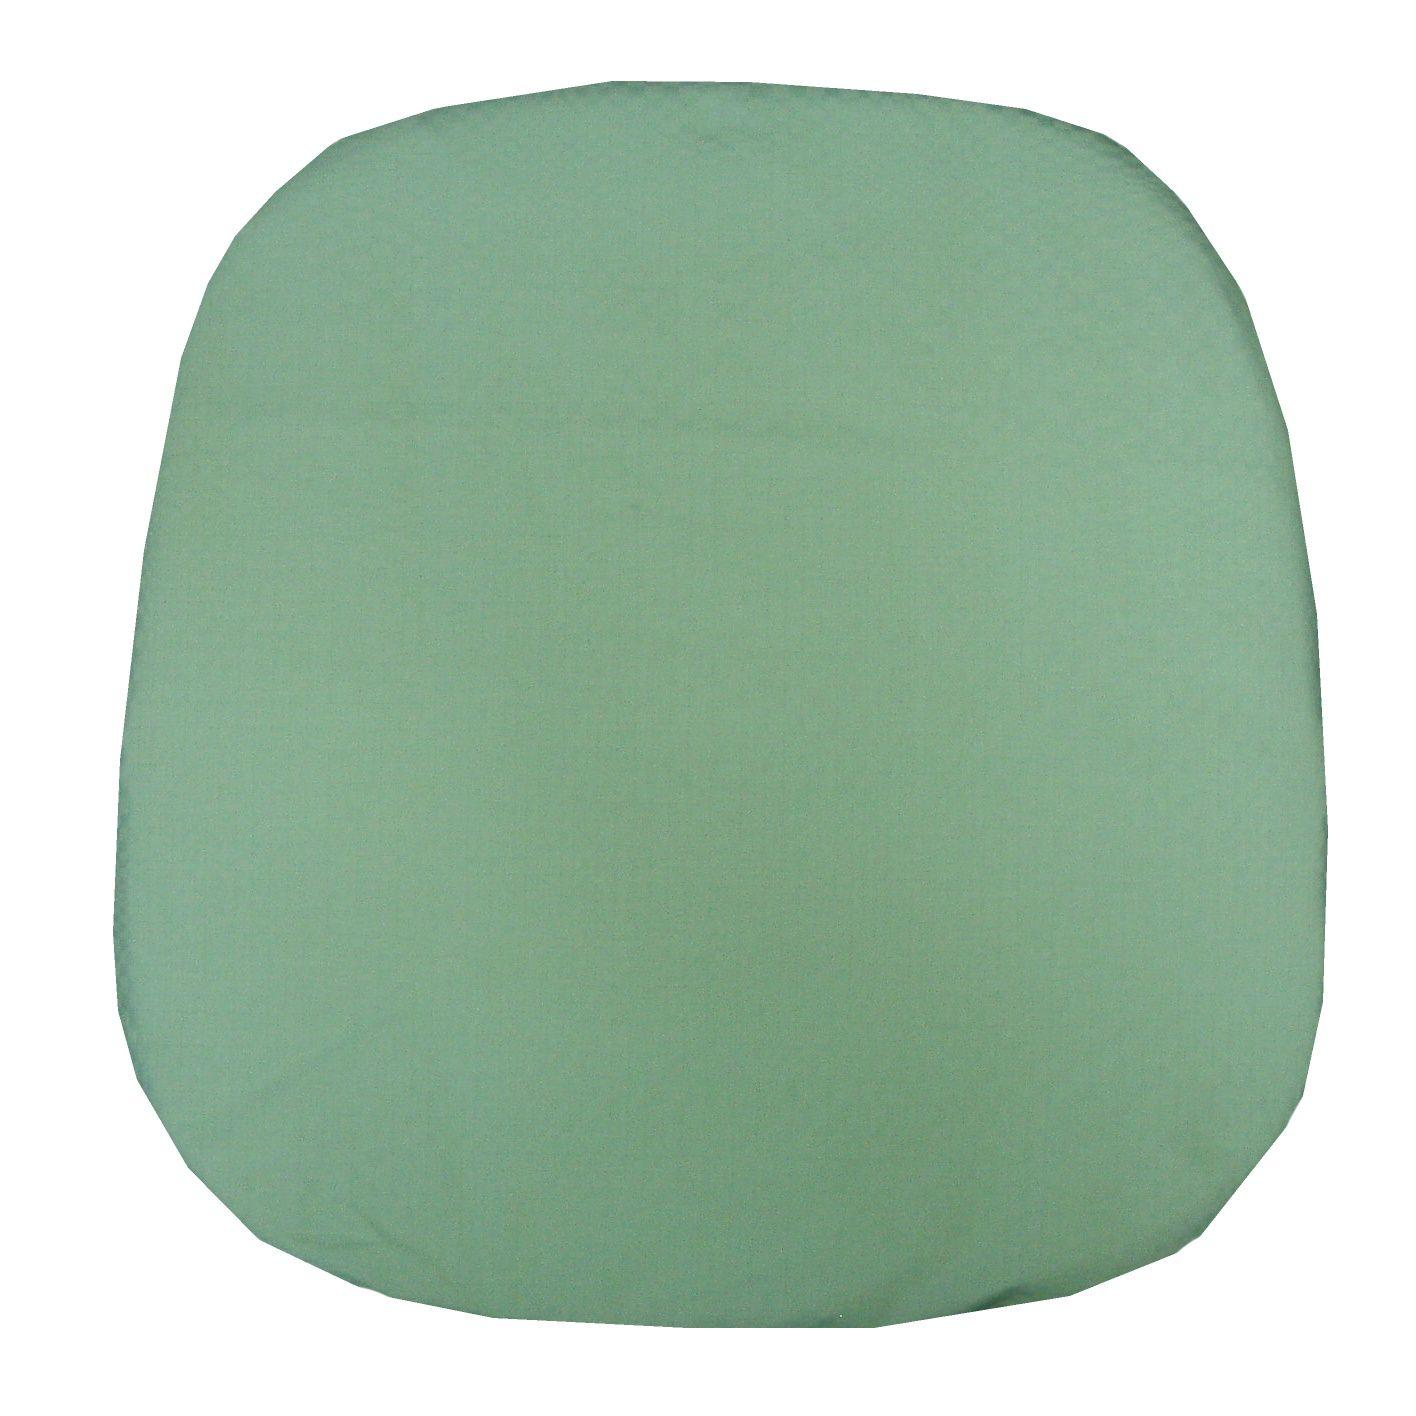 Kuchyňský sedák zelené, mentolové barvy s výplní Dadka